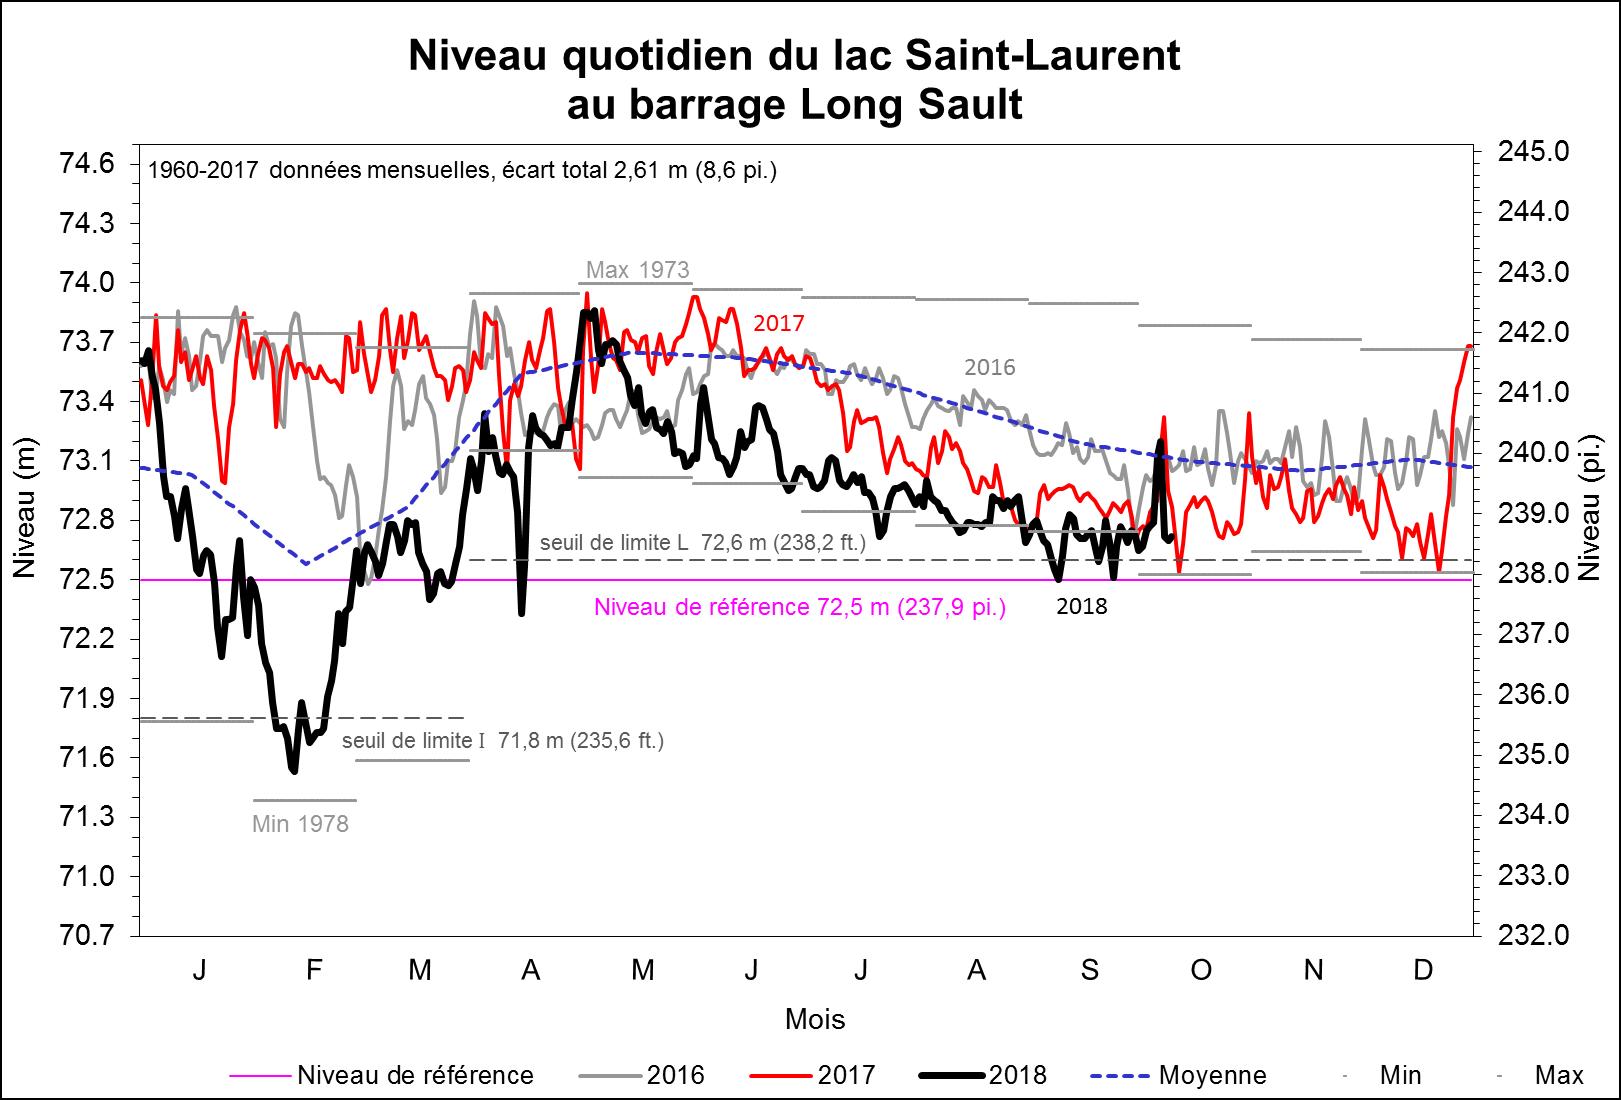 Niveau quotidien du lac Saint-Laurent